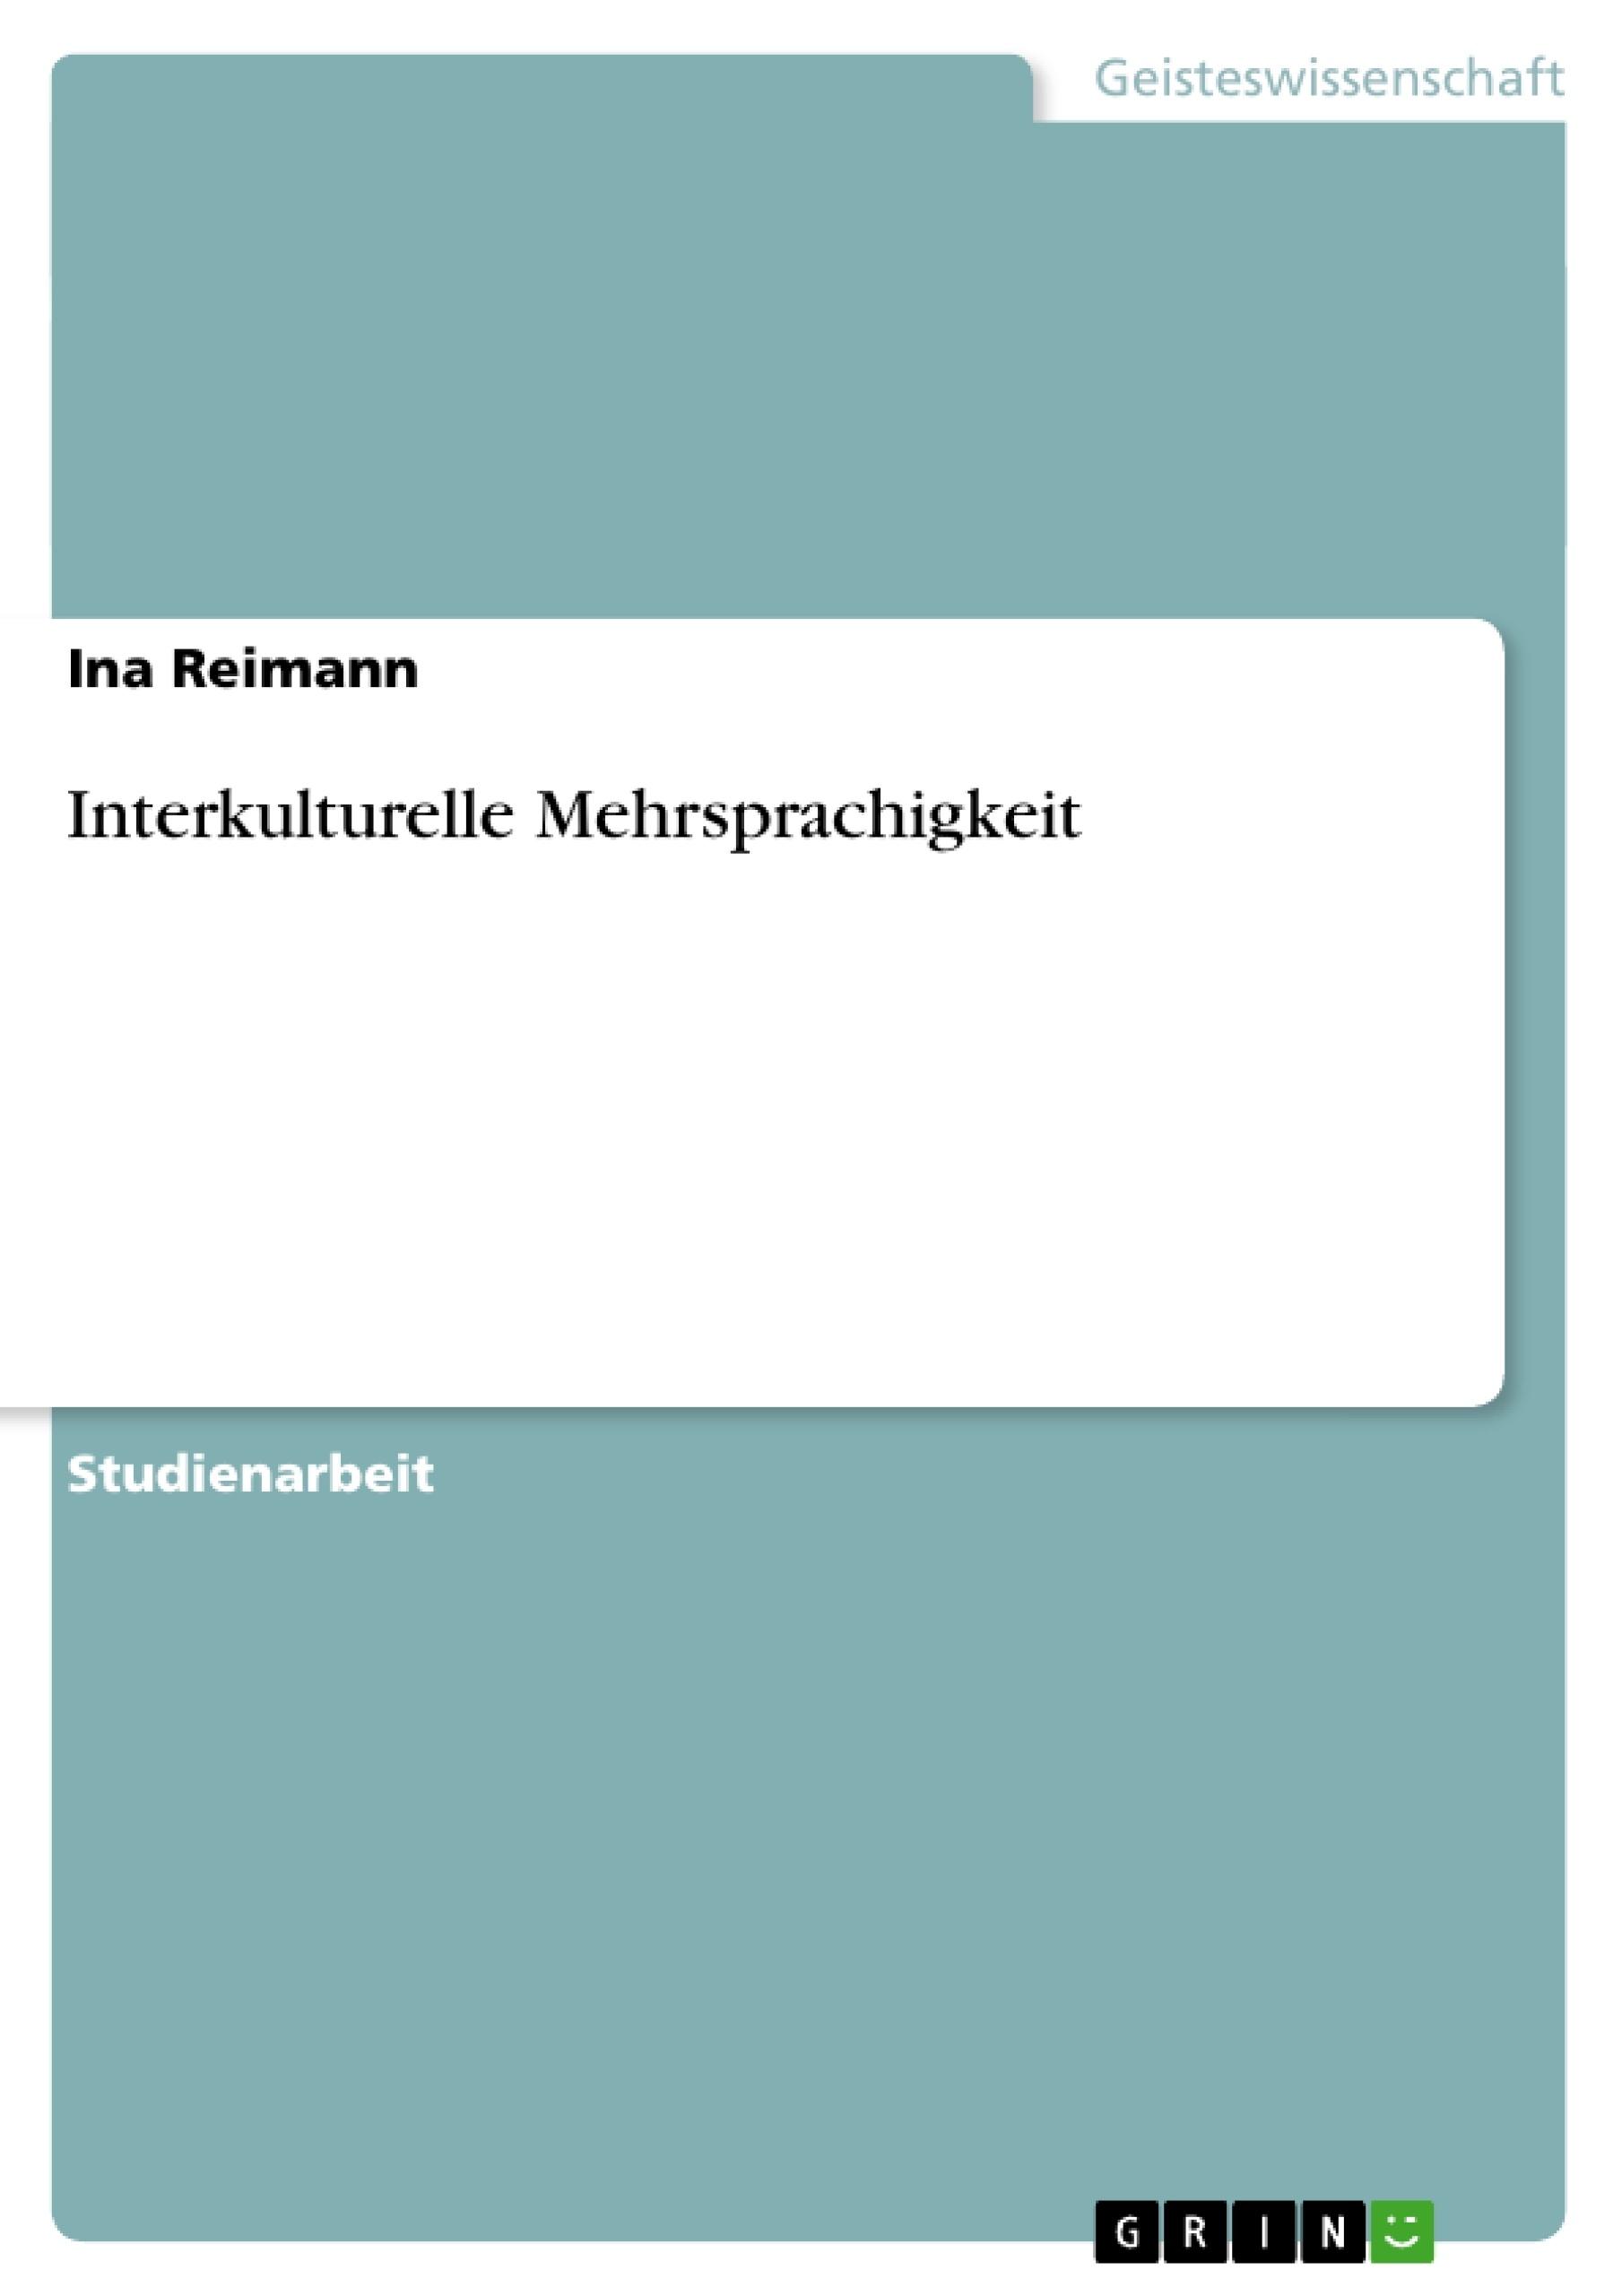 Titel: Interkulturelle Mehrsprachigkeit